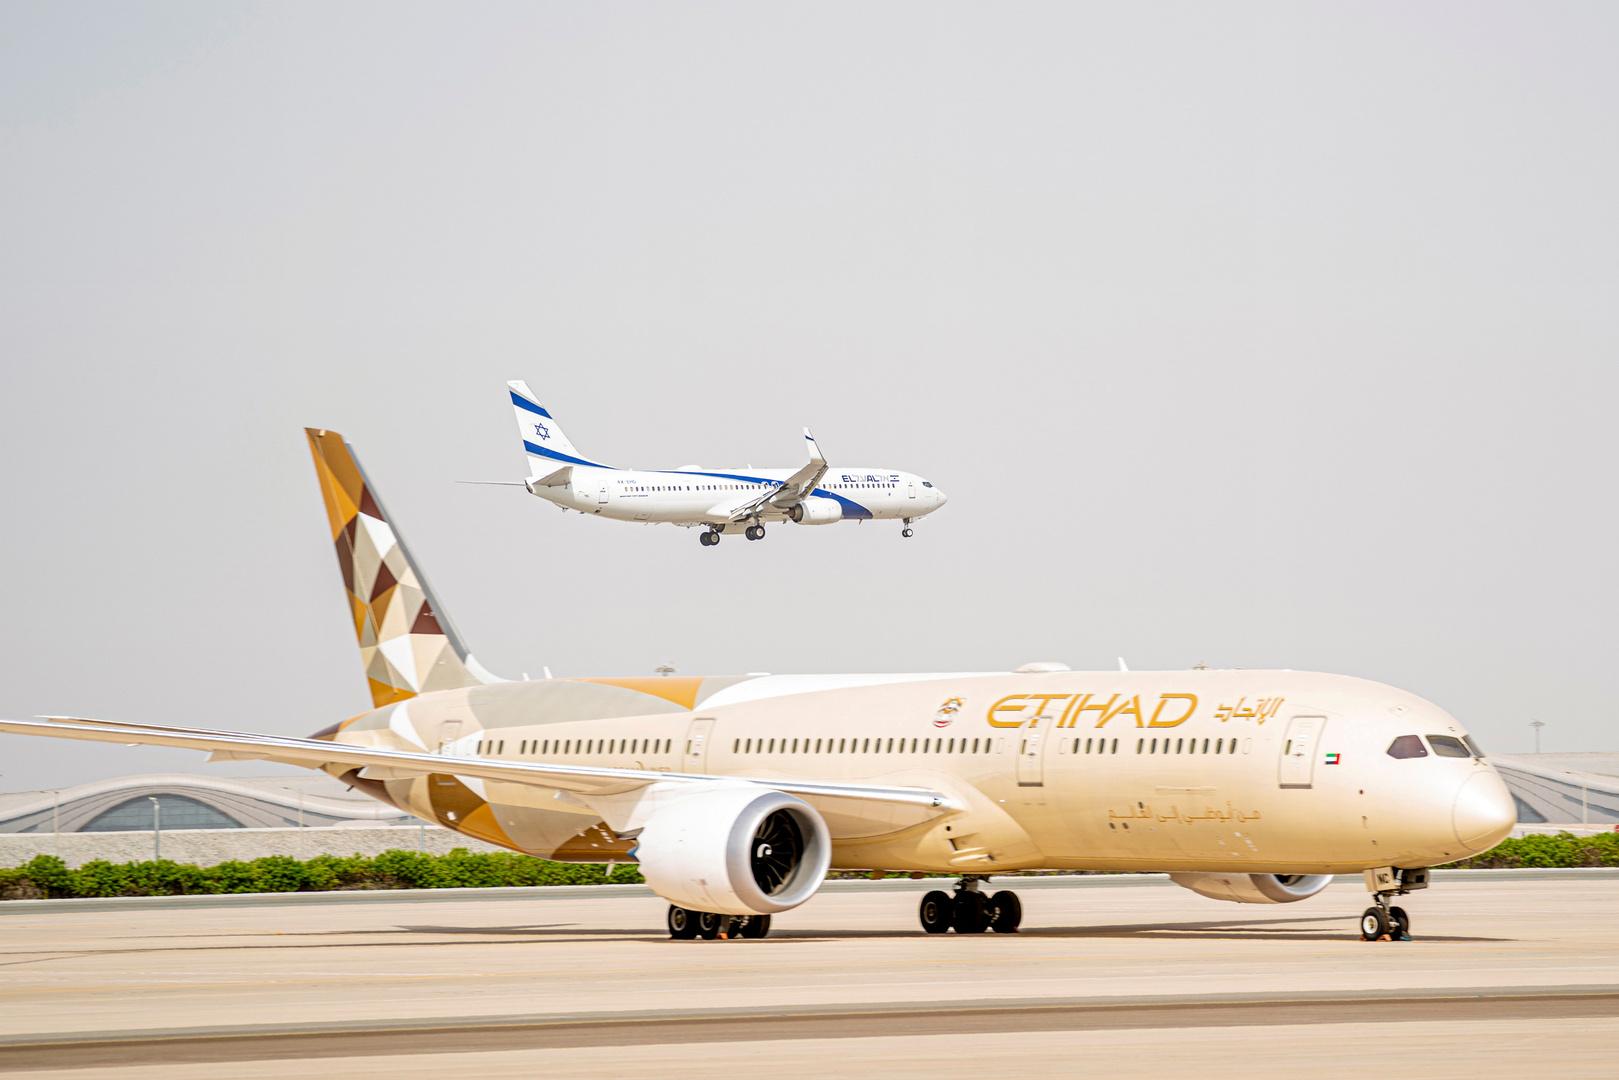 اتفاقية تعاون بين الاتحاد لتدريب الطيران الإماراتية وشركة طيران إسرائيلية